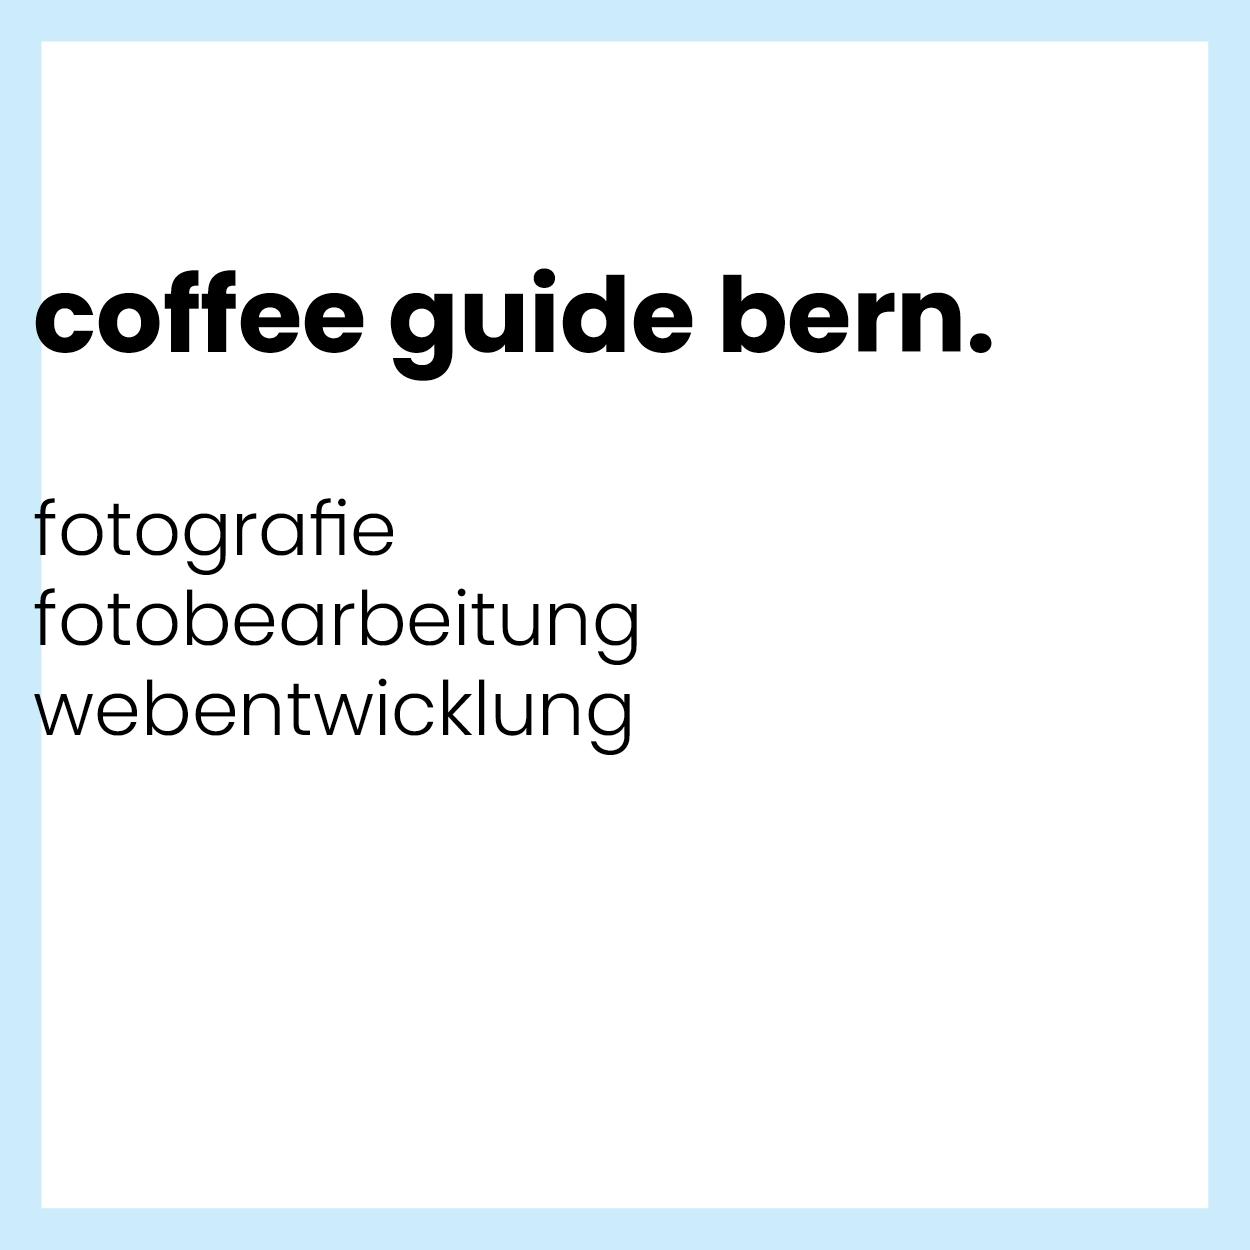 coffeeguidebern